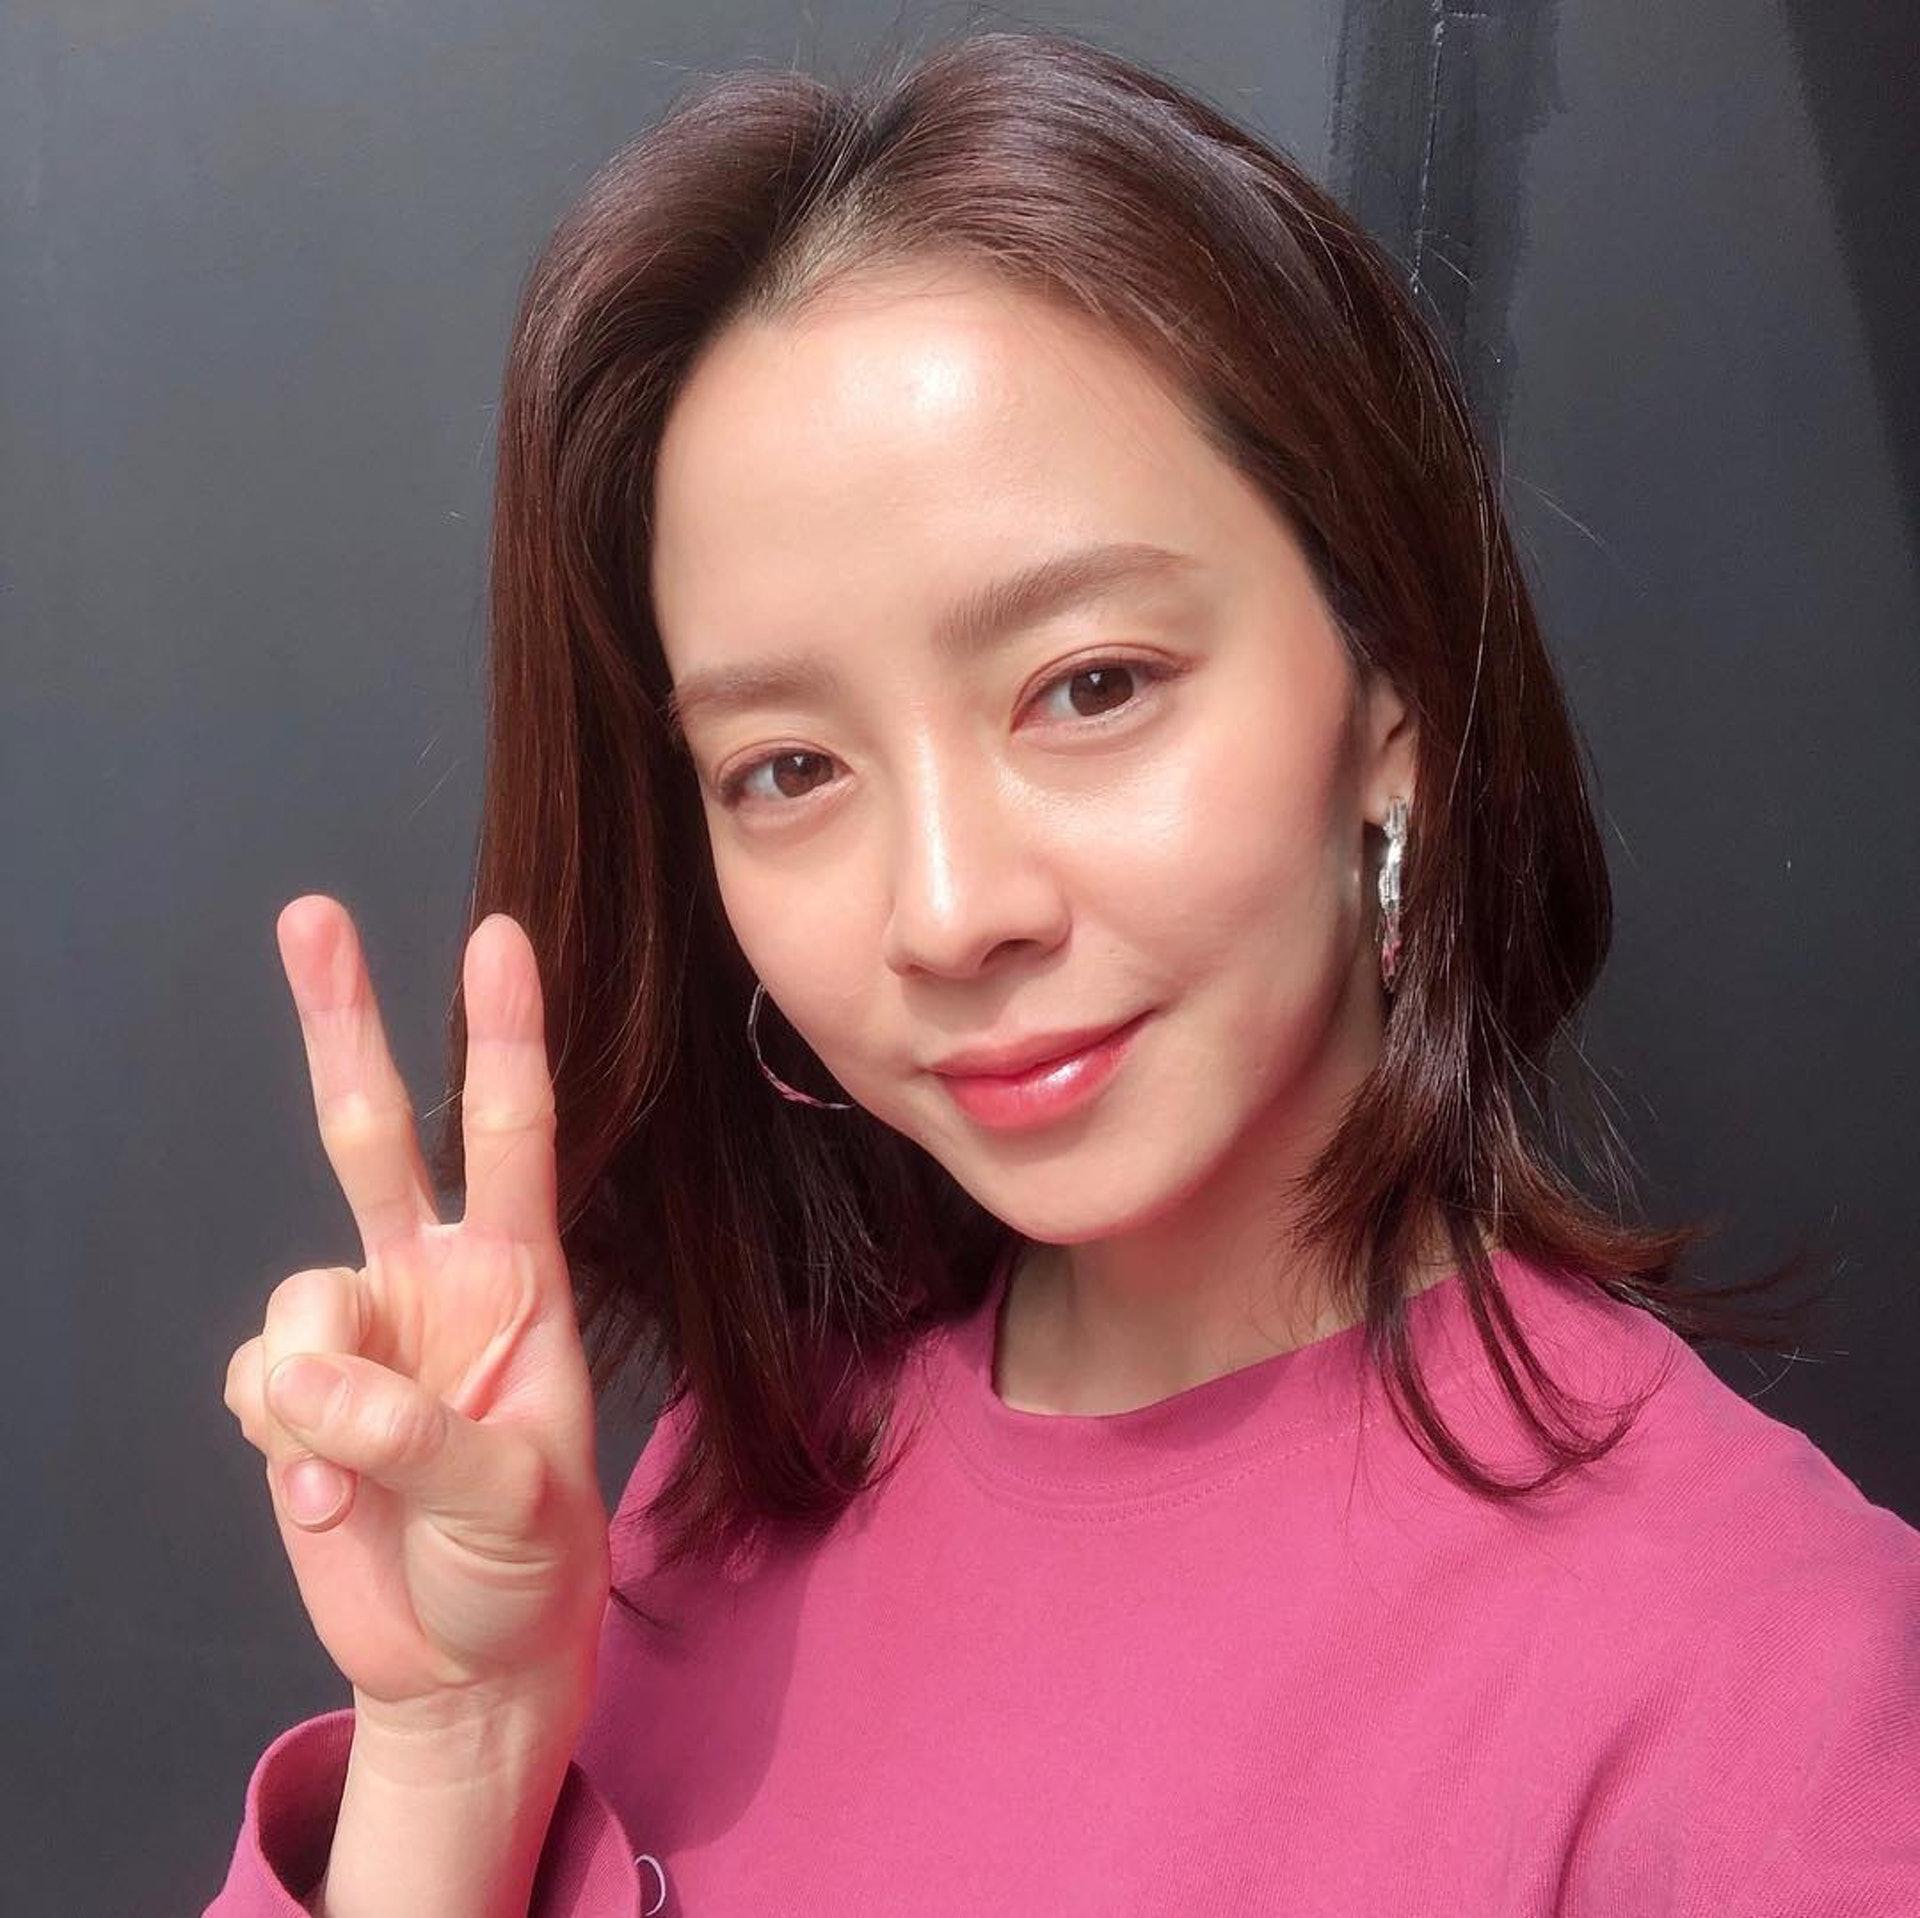 Đã 39 tuổi nhưng làn da của Song Ji Hyo vẫn láng mượt như thời 20 nhờ 5 bí kíp sau - Ảnh 4.